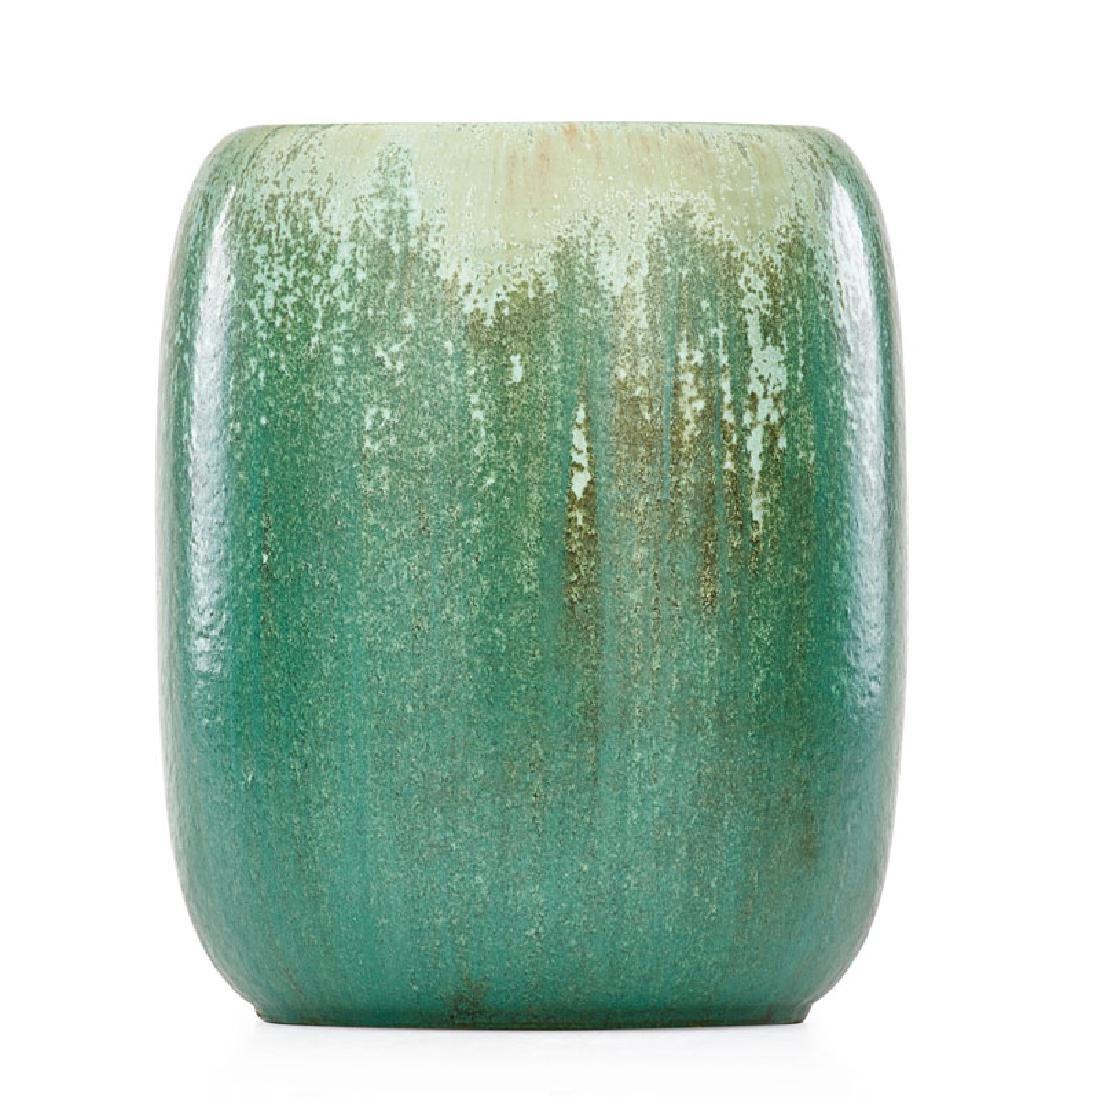 FULPER Large barrel-shaped vase